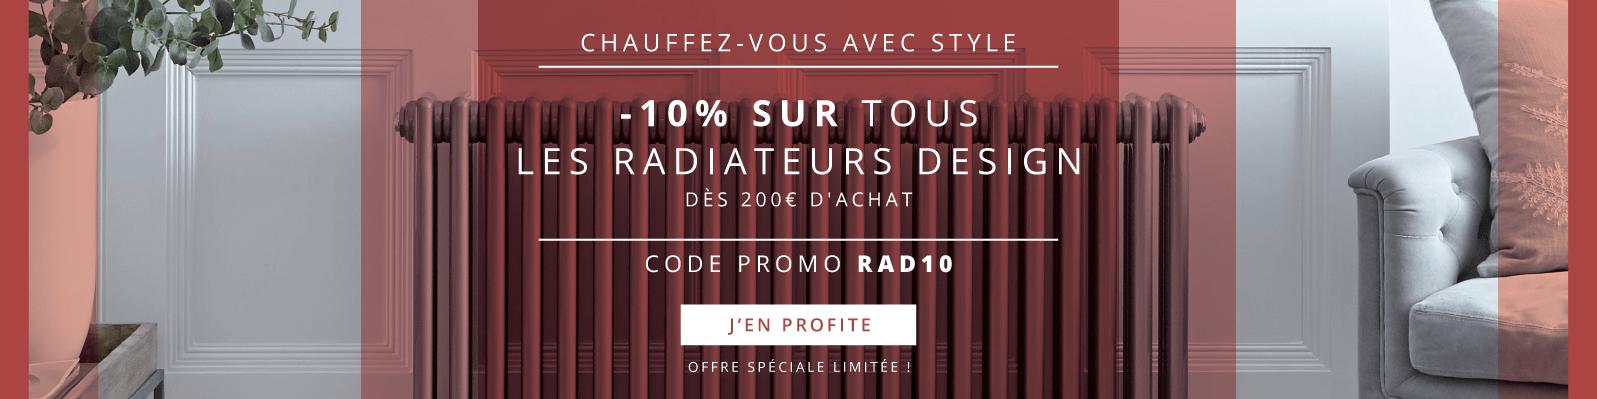 Chauffez-vous avec Style -10% sur Tous les Radiateurs Design dès 200€ d'achat Code Promo RAD10 Offre Spéciale Limitée ! J'en Profite